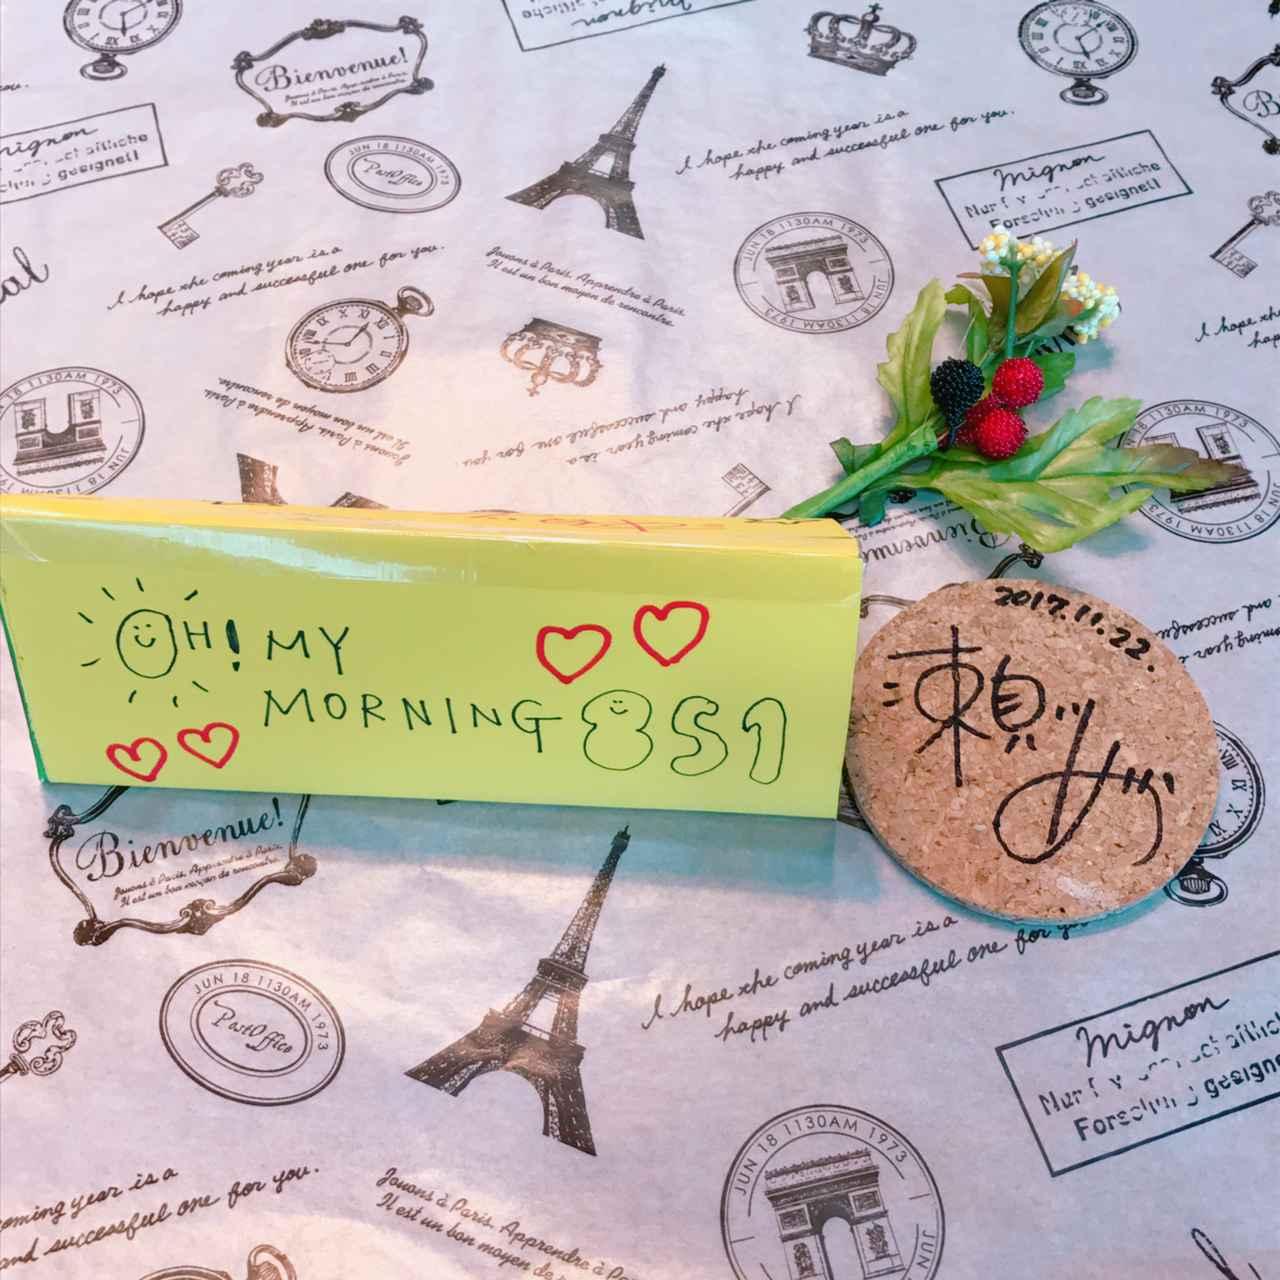 画像2: 今日の番組プレゼント② 瀬川あやかさん手作りカレイドスコープ(万華鏡)&サイン入りコースターセット